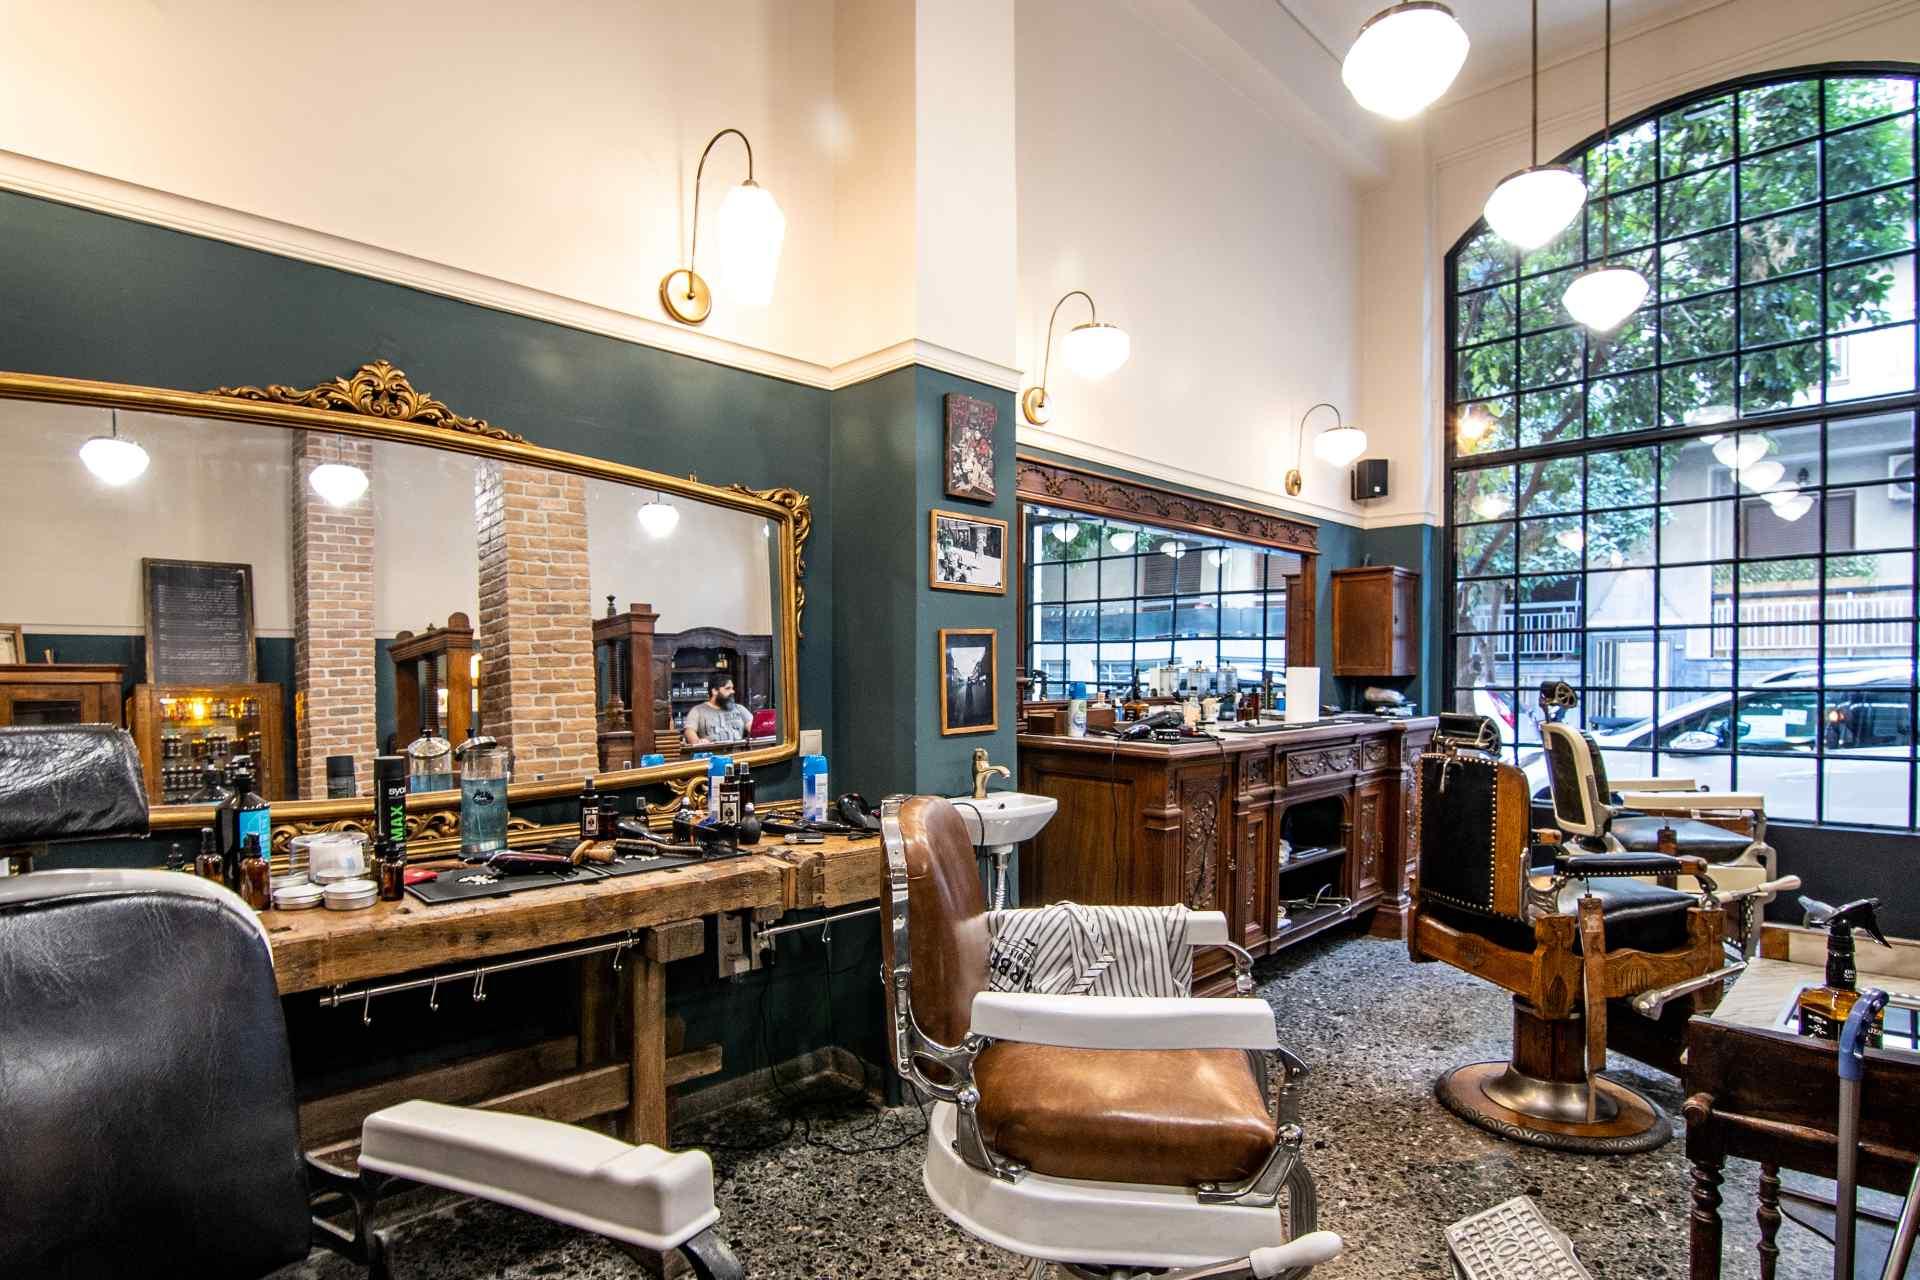 Boss Hogg Barber μπαρμπεράδικα barbershop κουρείο μπαρμπέρικο